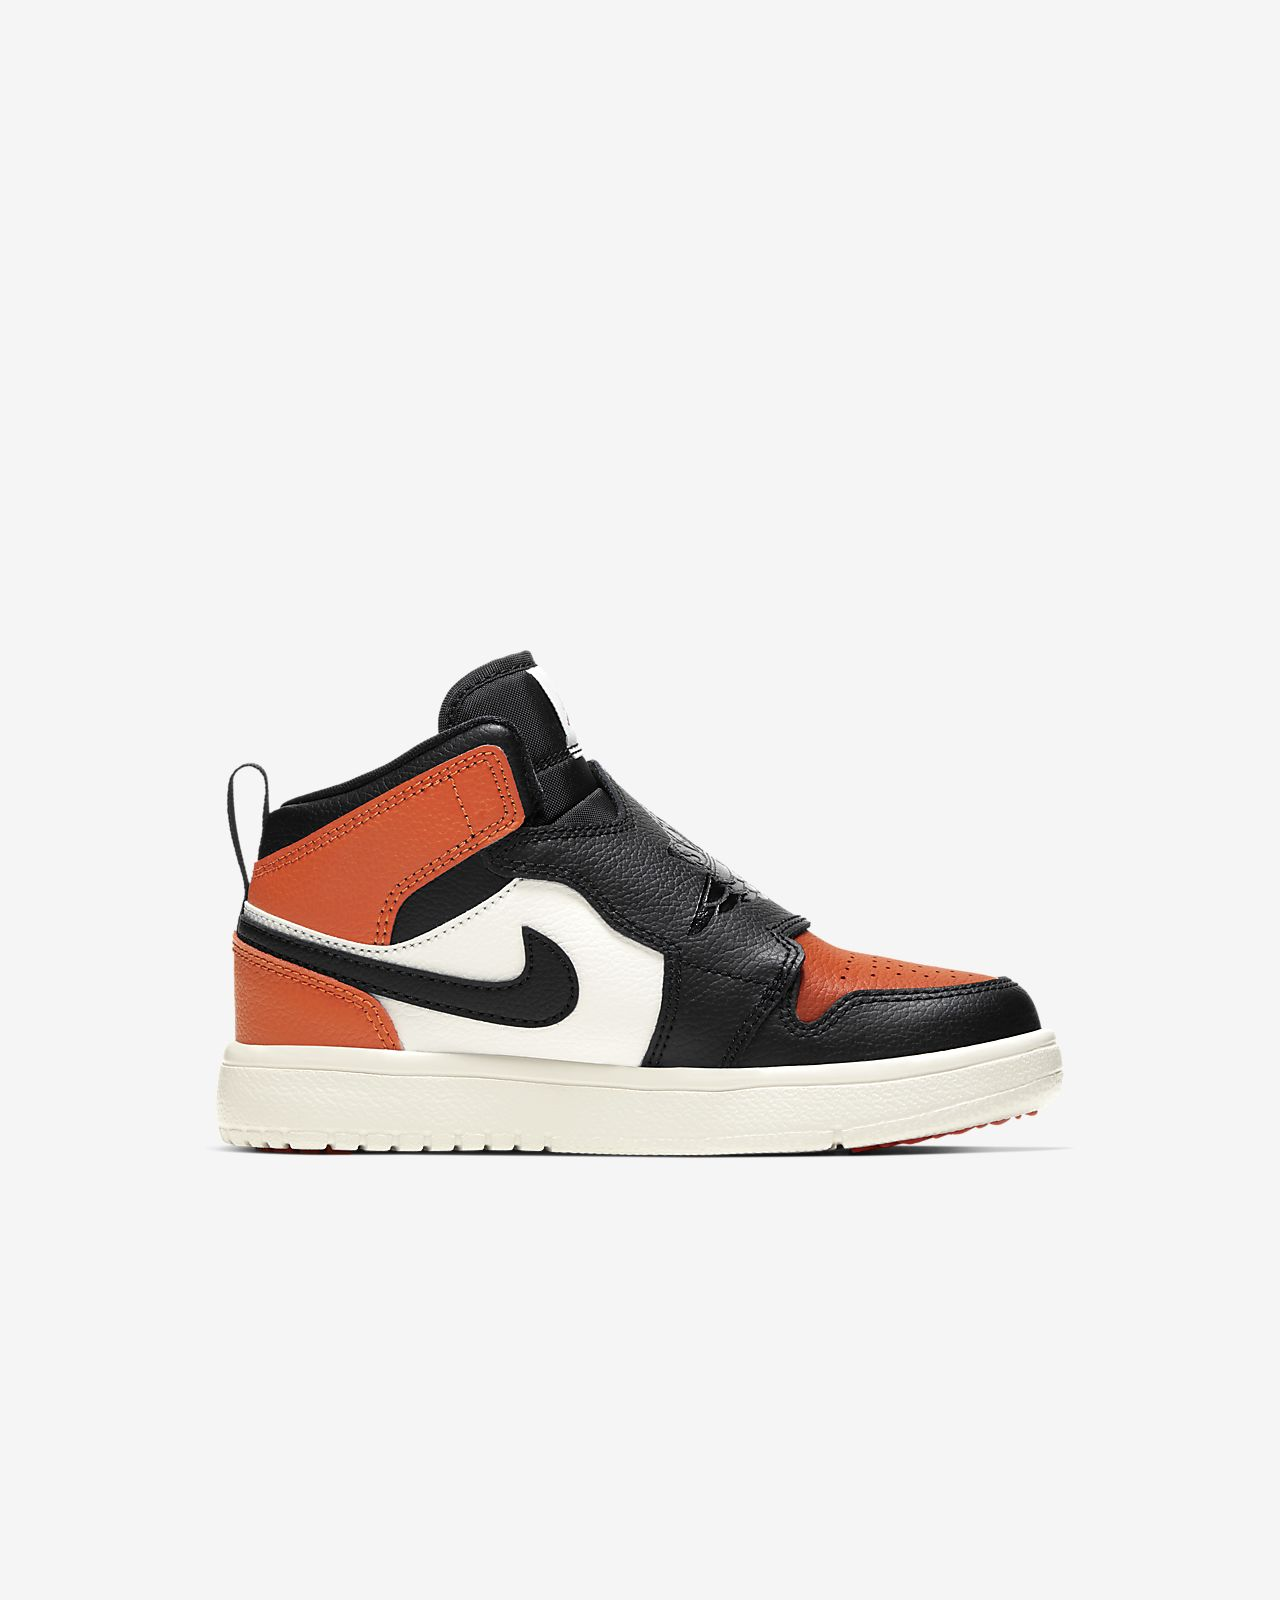 wholesale sales reasonable price quality Chaussure Sky Jordan 1 pour Jeune enfant